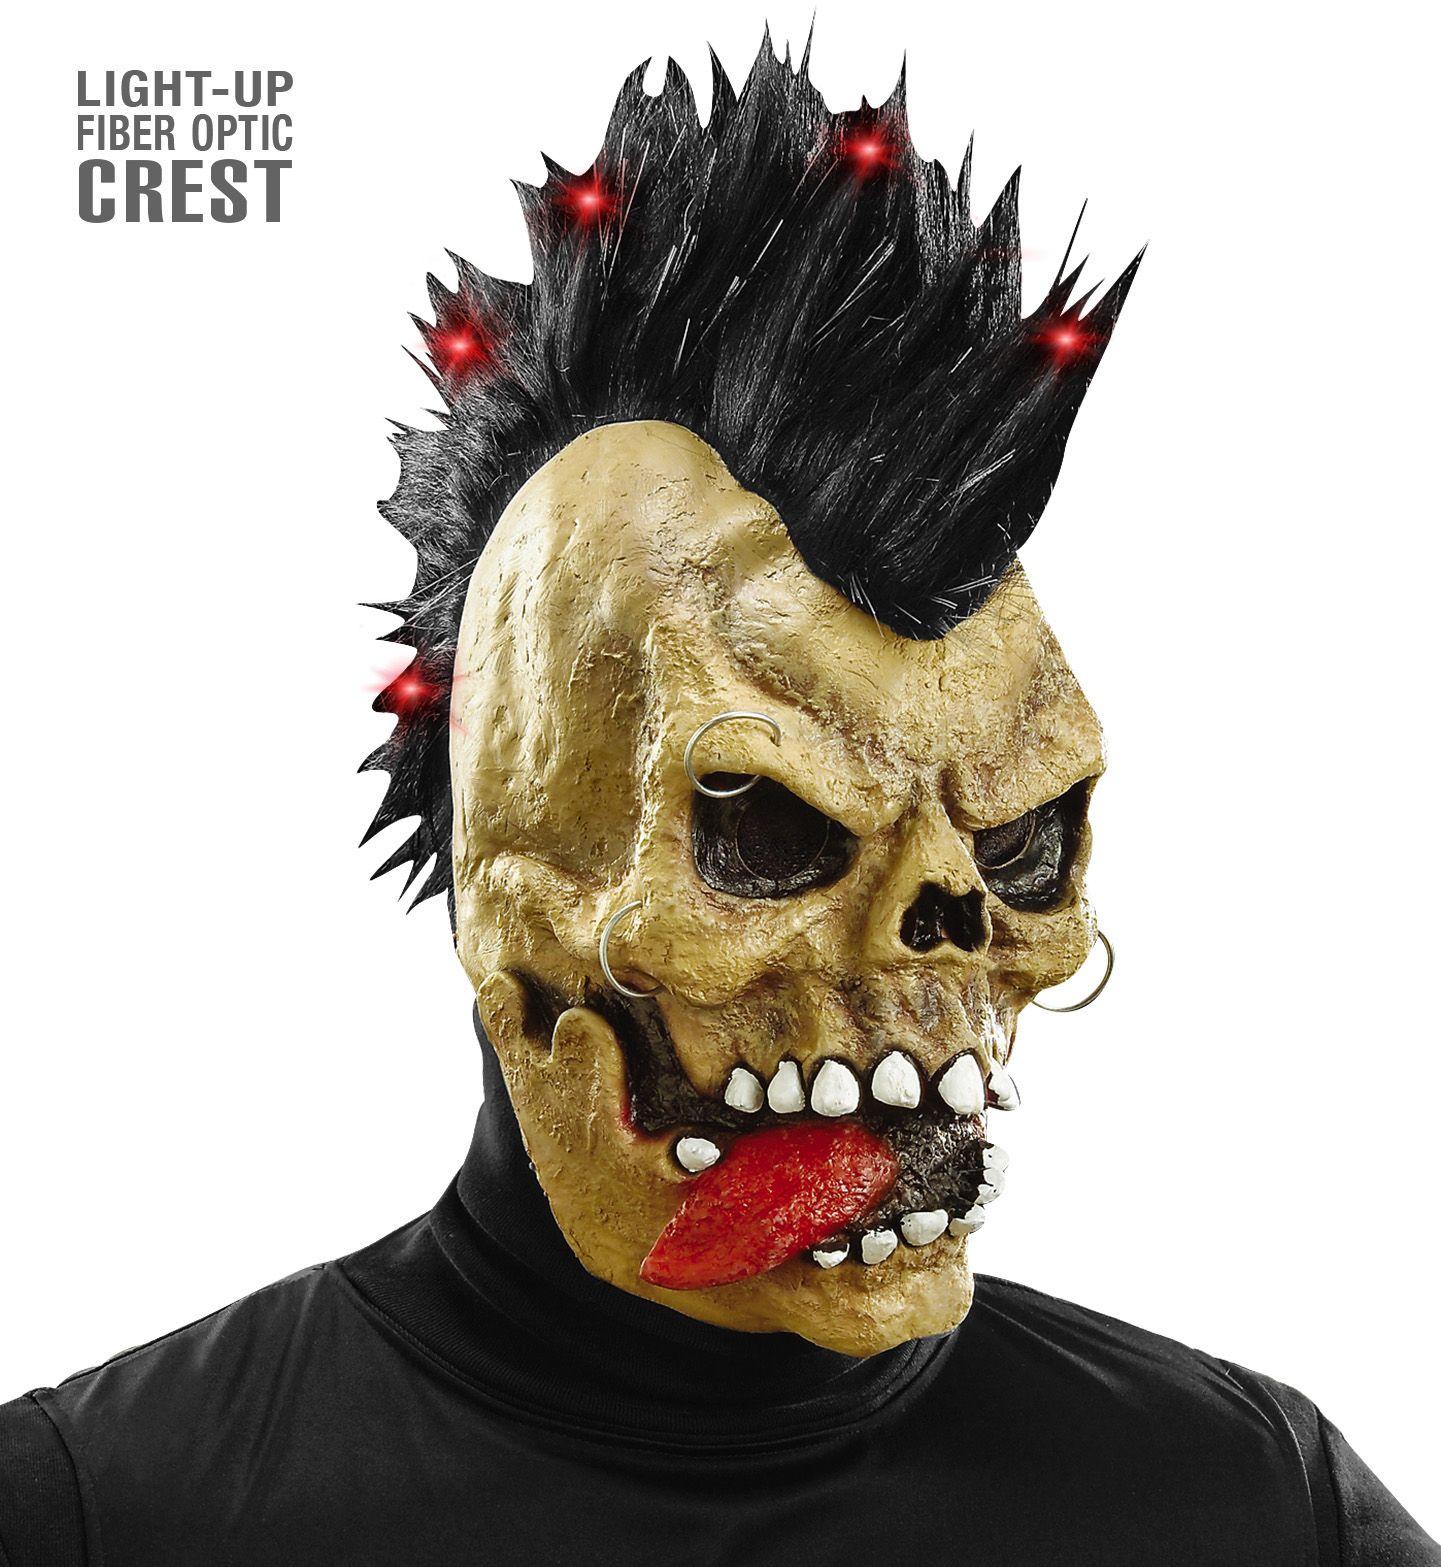 Skelet masker met lichtgevende hanenkam